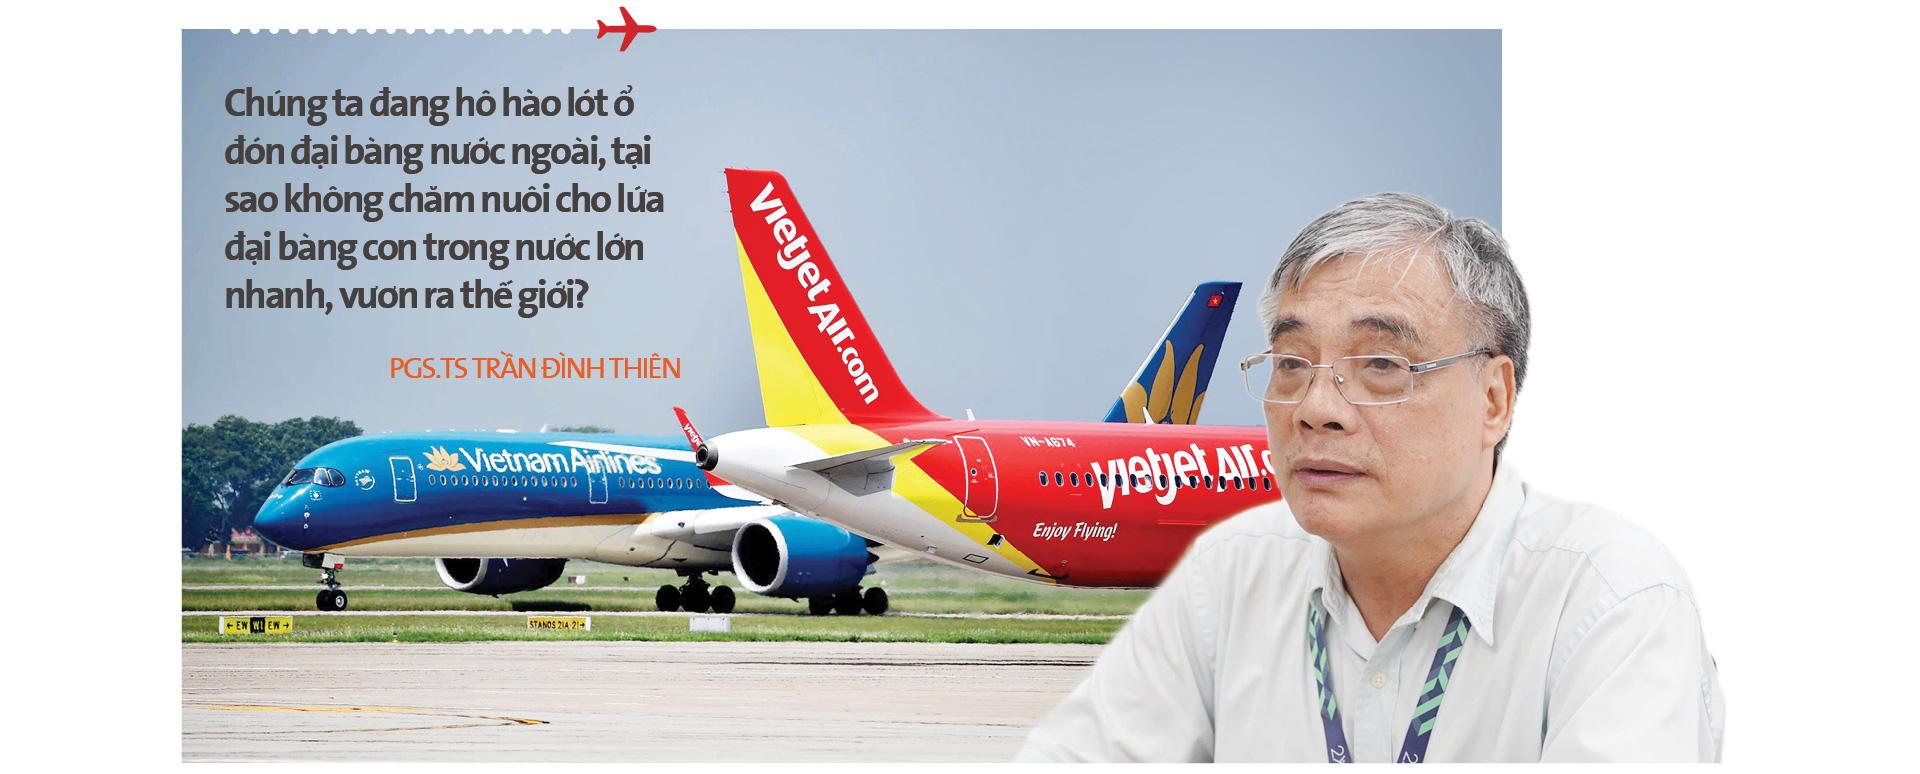 'Lựa chọn hỗ trợ hàng không vì tương lai của đất nước' - Ảnh 9.